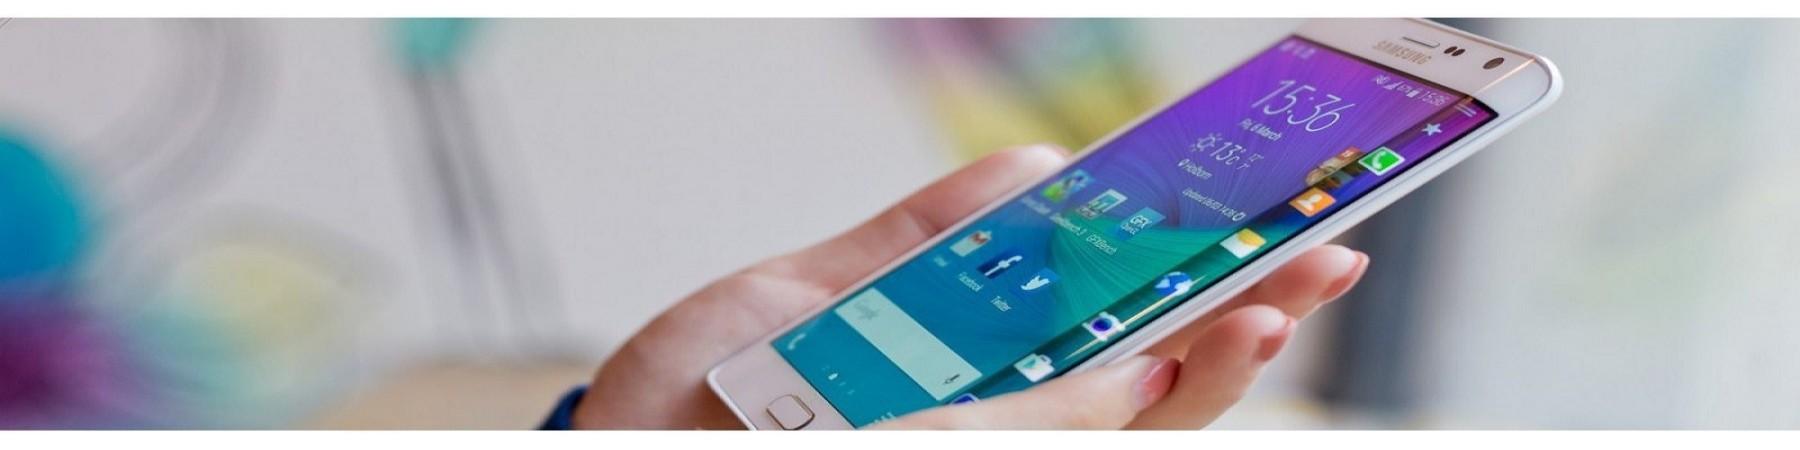 Điện thoại thông minh,Smartphone,Máy tính bảng cao cấp,chính hãng